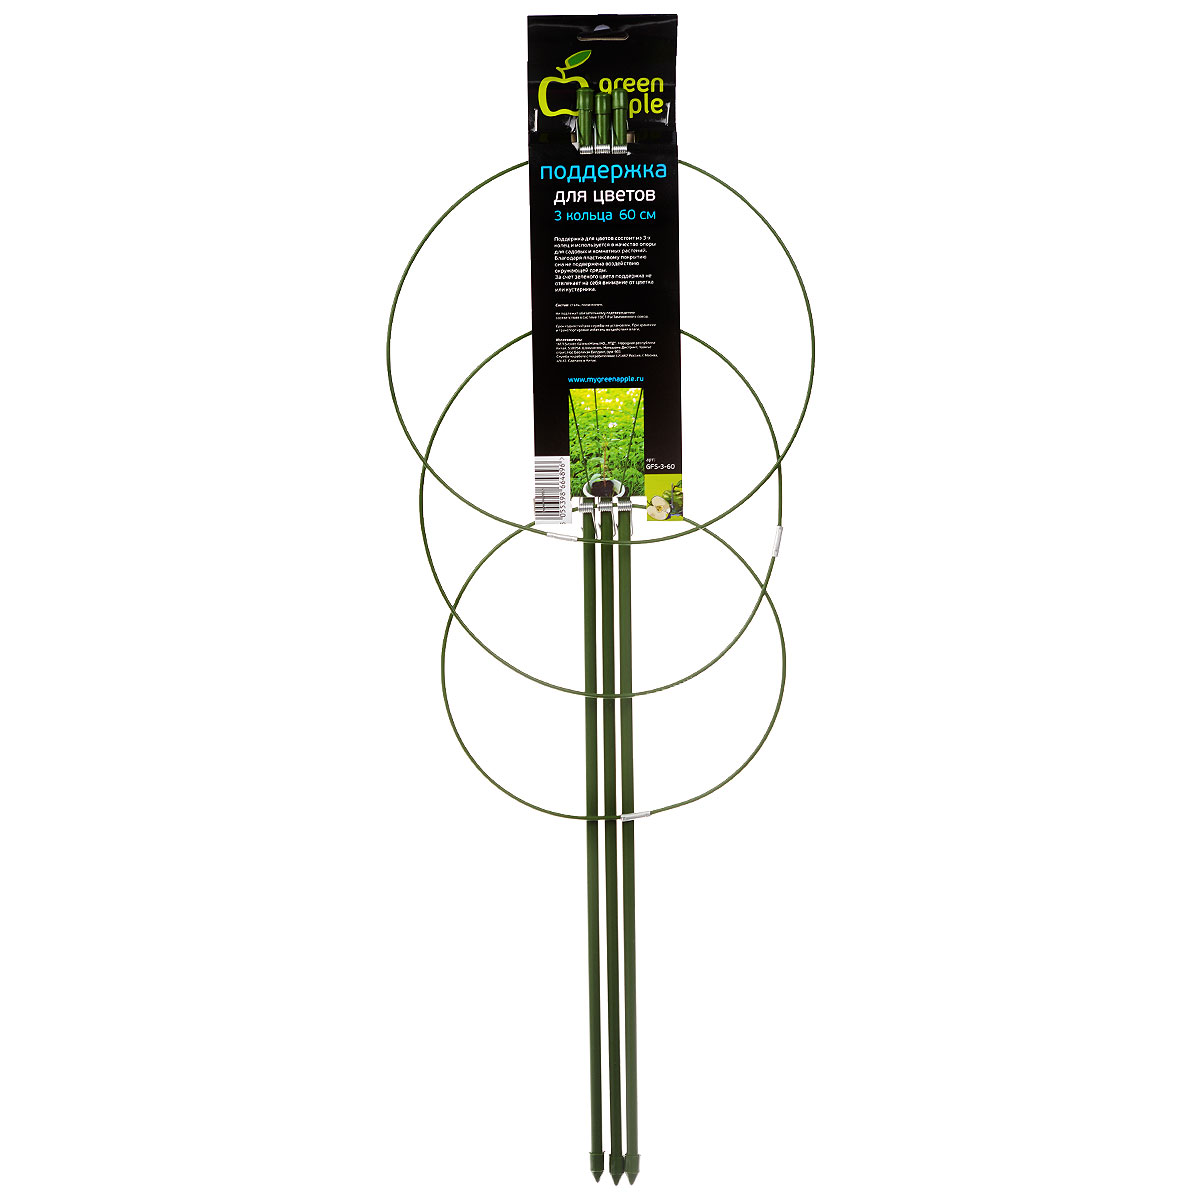 Поддержка для цветов 3 кольца Green Apple GFS-3-60, 60 смBH-SI0439-WWПоддержка для цветов состоит из 3-х колец и используется в качестве опоры для садовых и комнатных растений. Благодаря пластиковому покрытию она не подвержена воздействию окружающей среды. За счет зеленого цвета поддержка не отвлекает на себя внимание от цветка или кустарника.